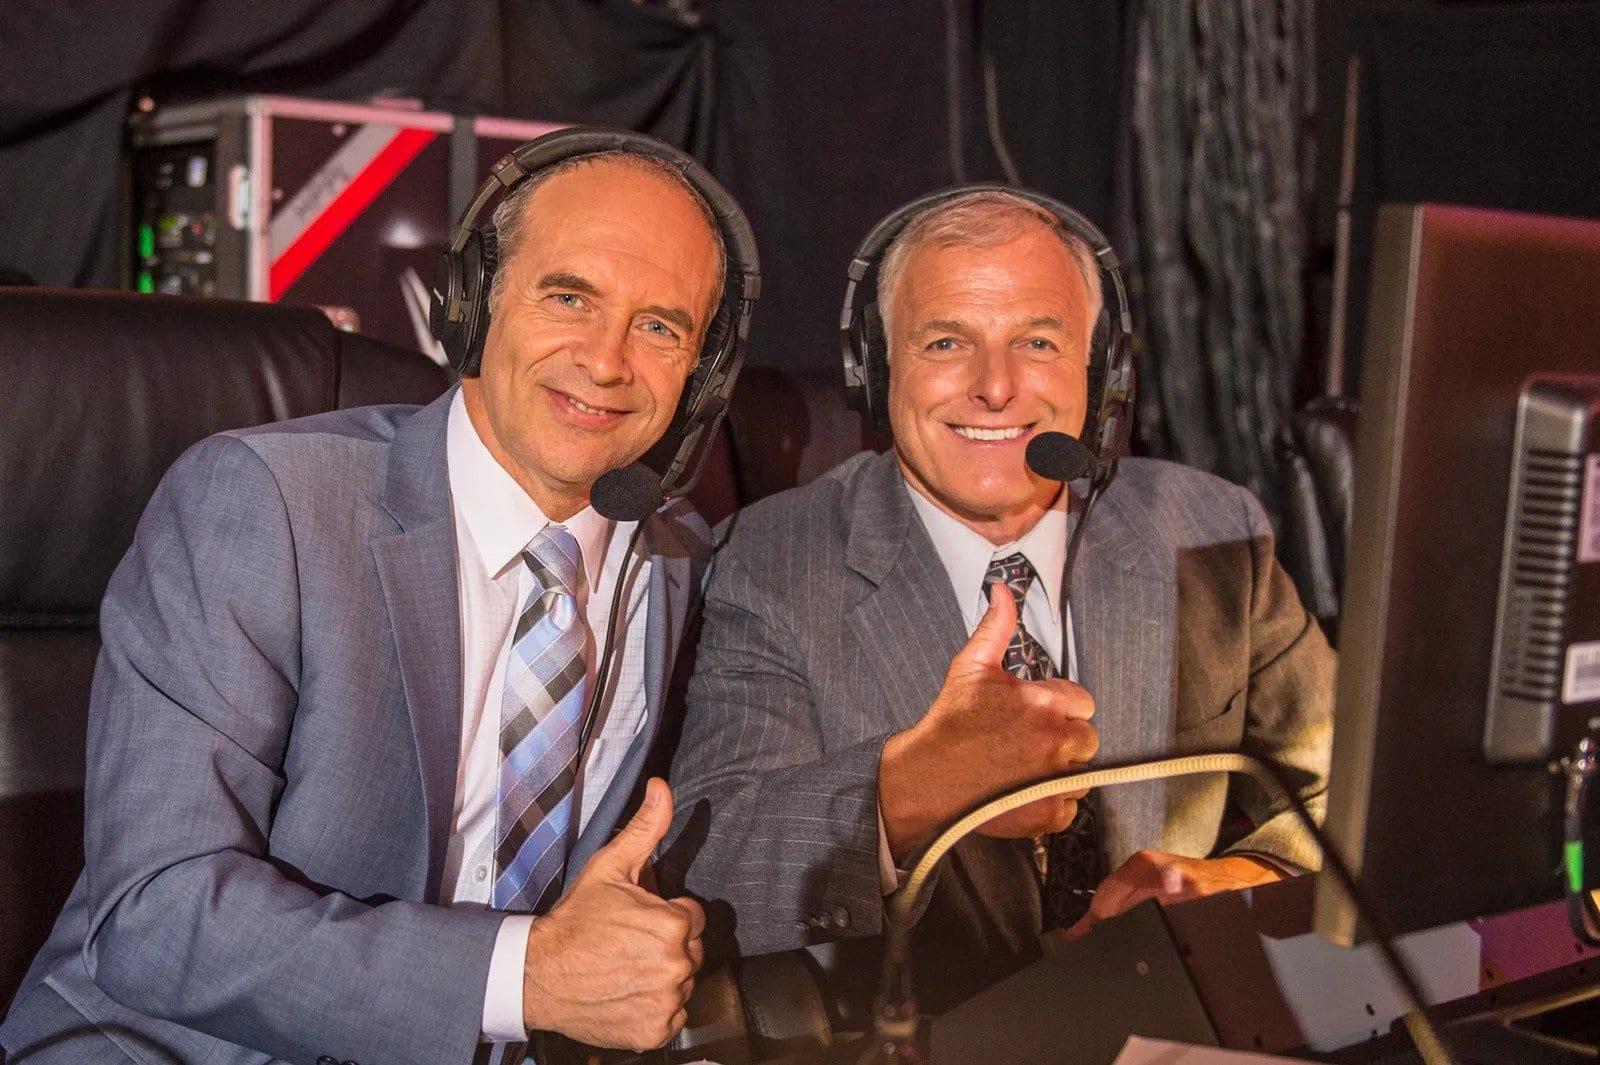 Backstage Update On WWE Releasing Veteran Announcers